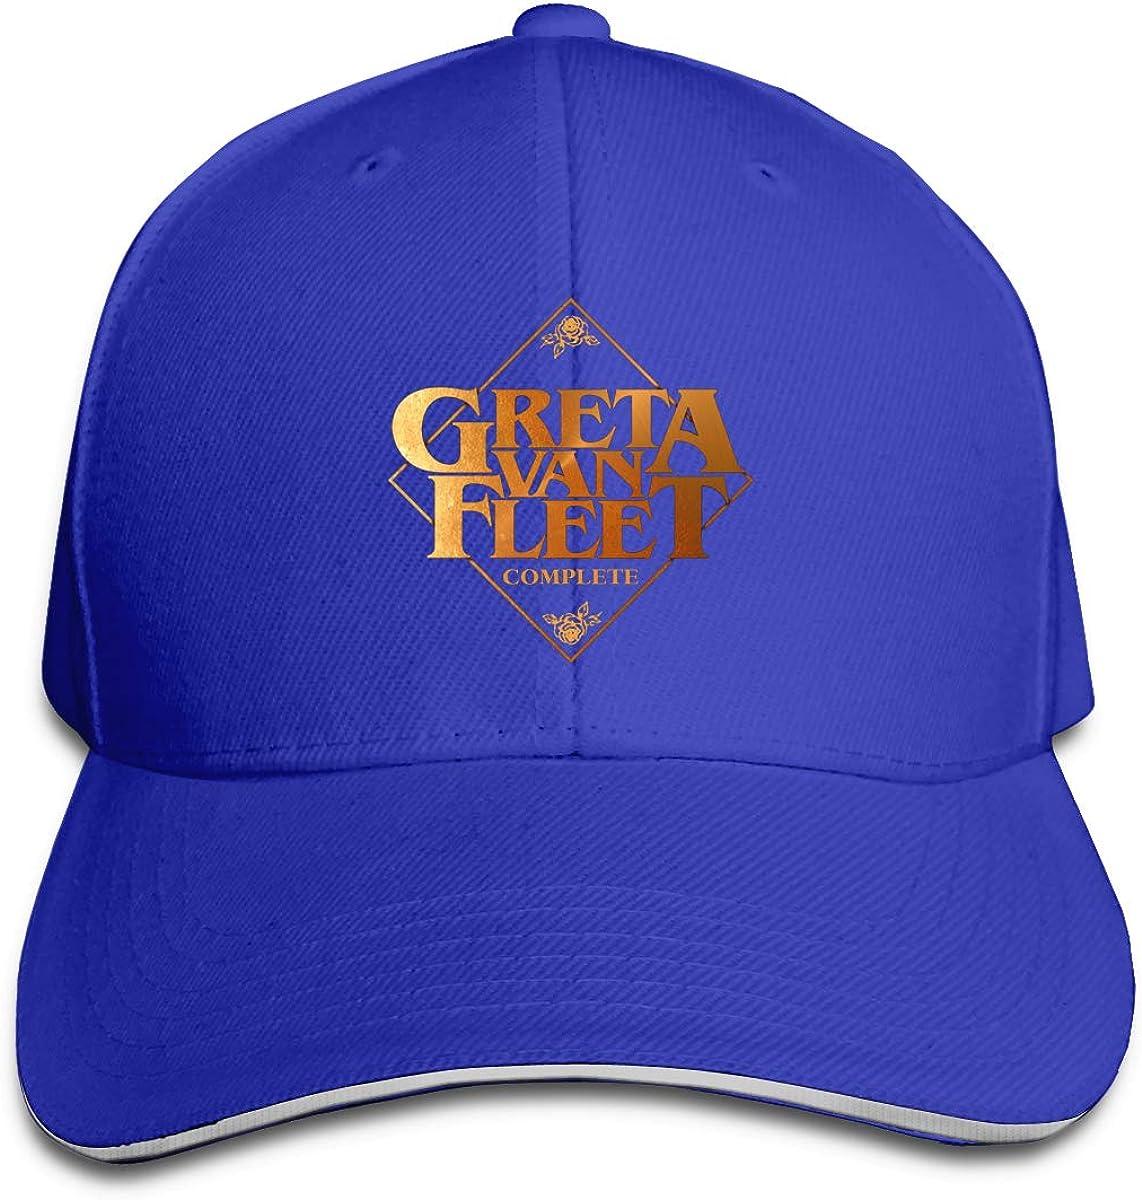 Greta Van-Fleet Adjustable Sports Hats Sun Hat for Men and Women